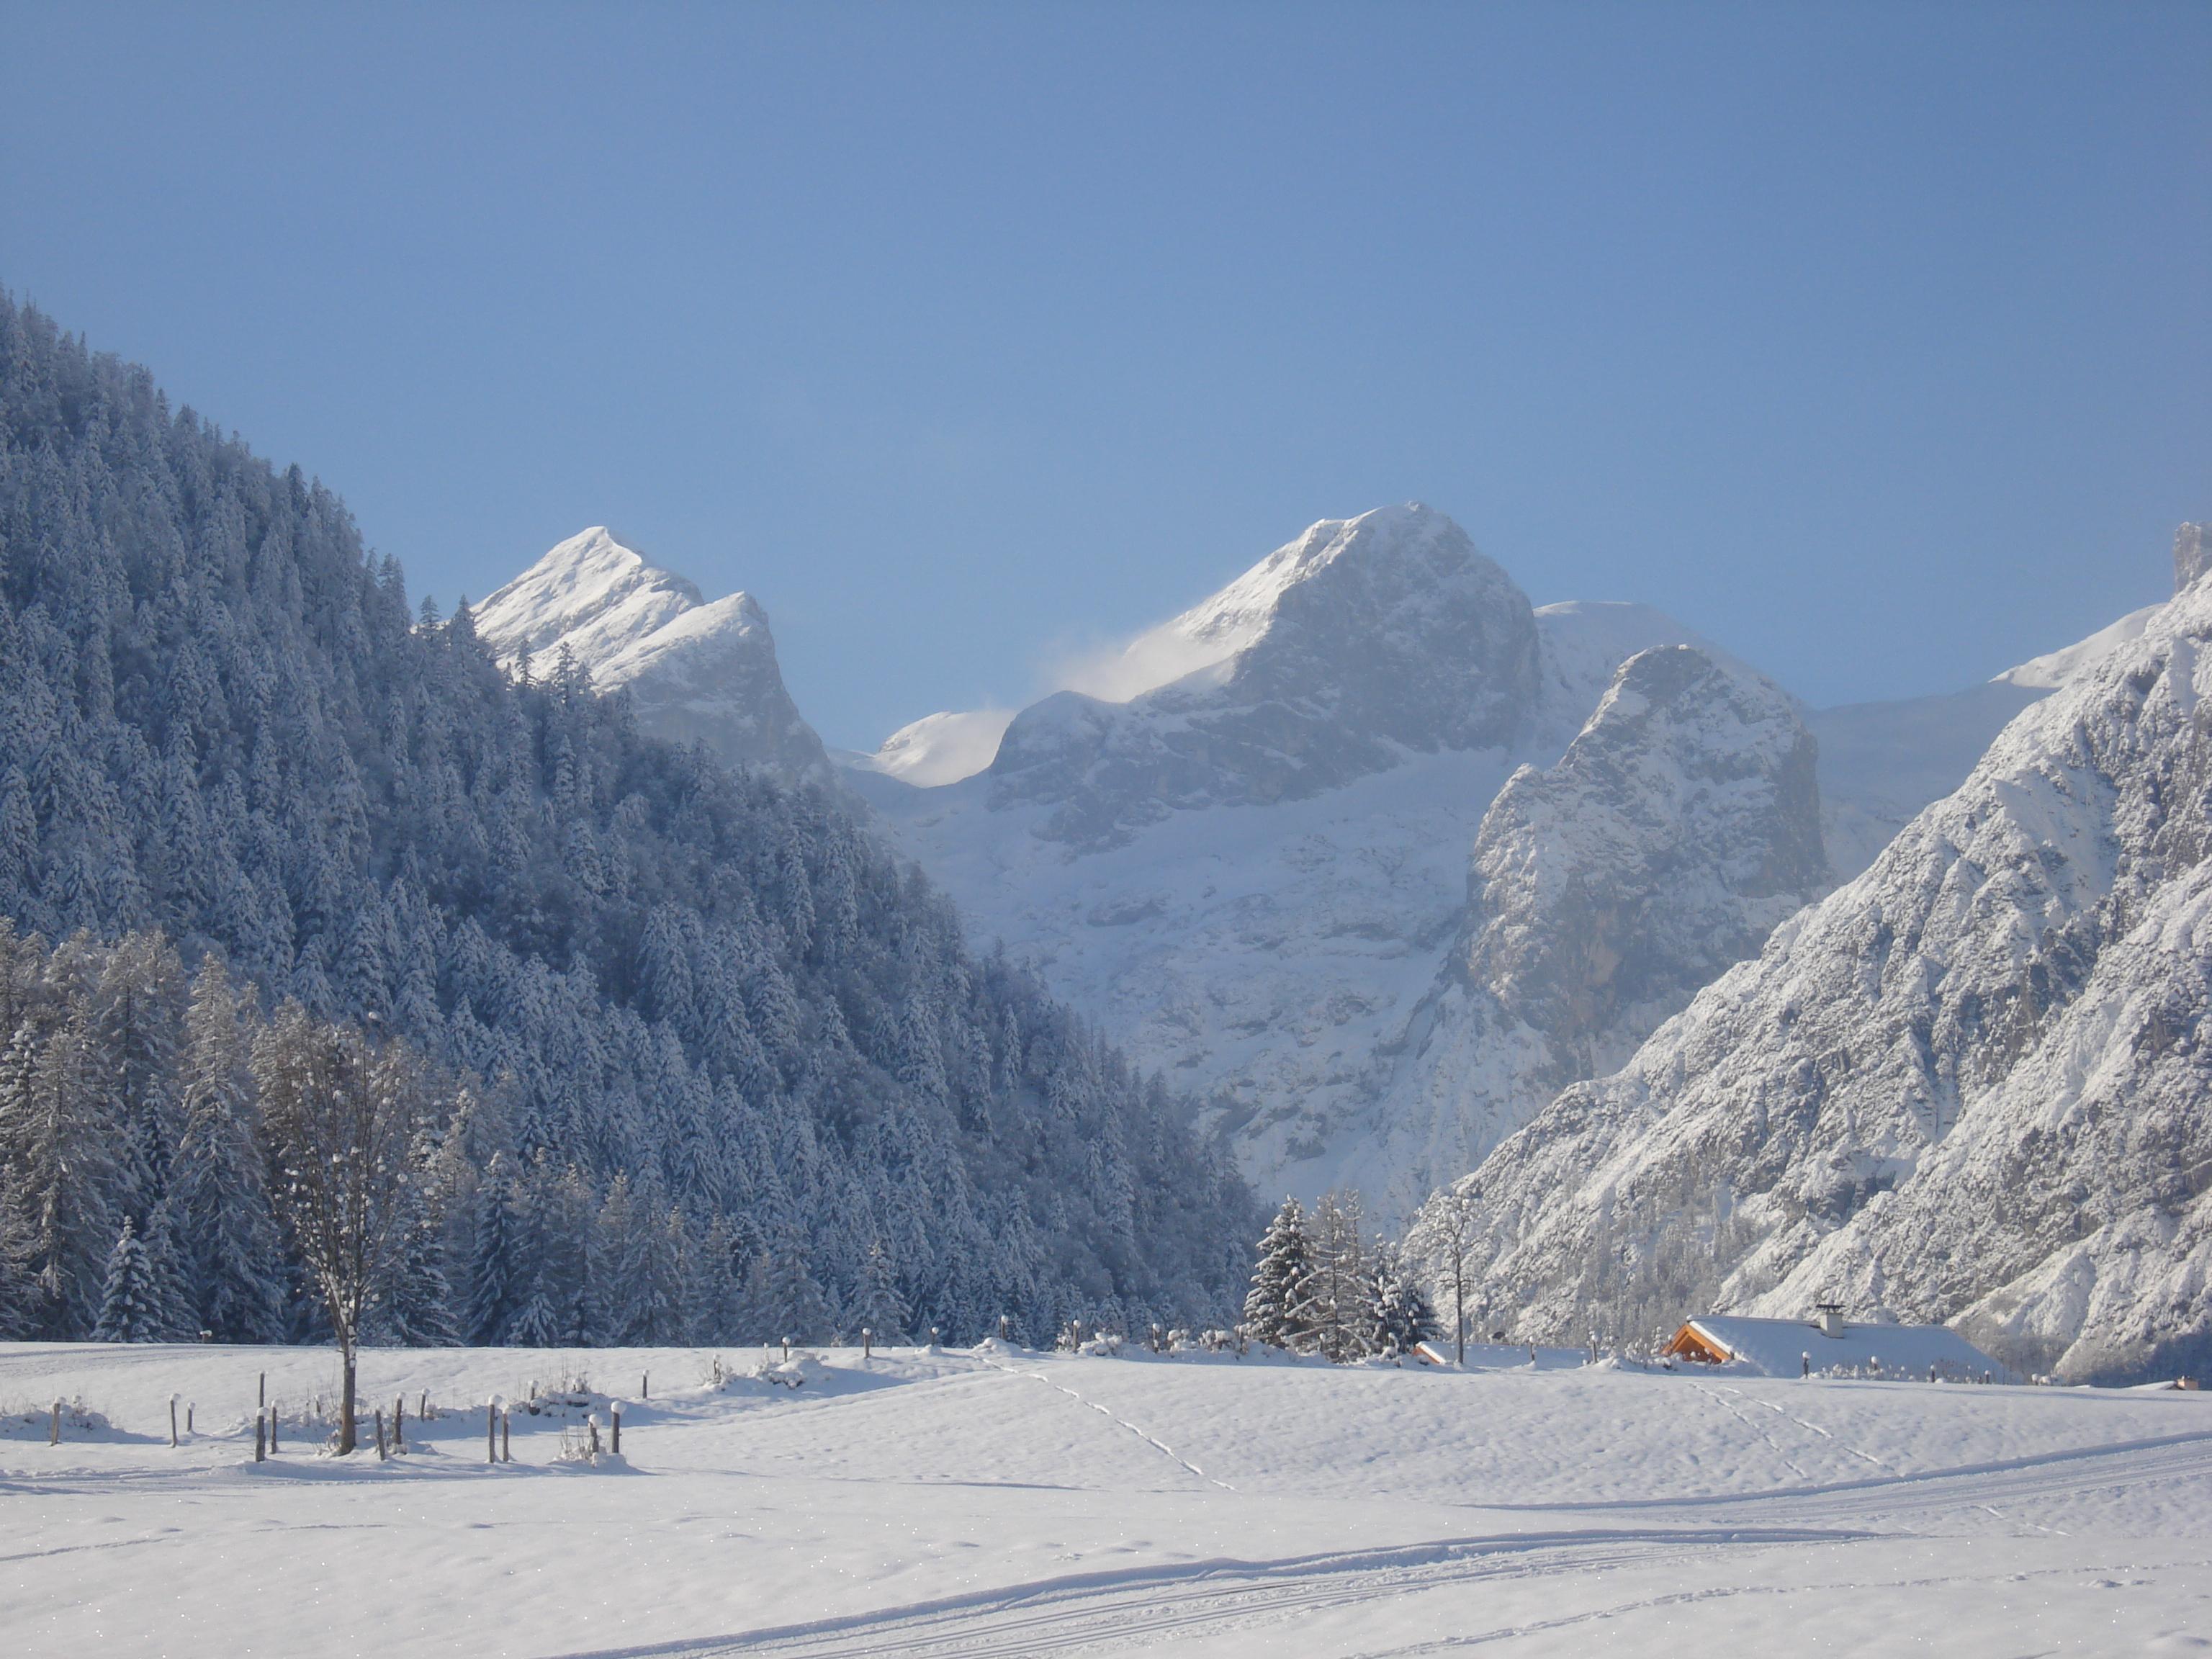 Schneeschuhwanderung im sch nen lammertal laemmerhof 39 s blog for Fischteich im winter